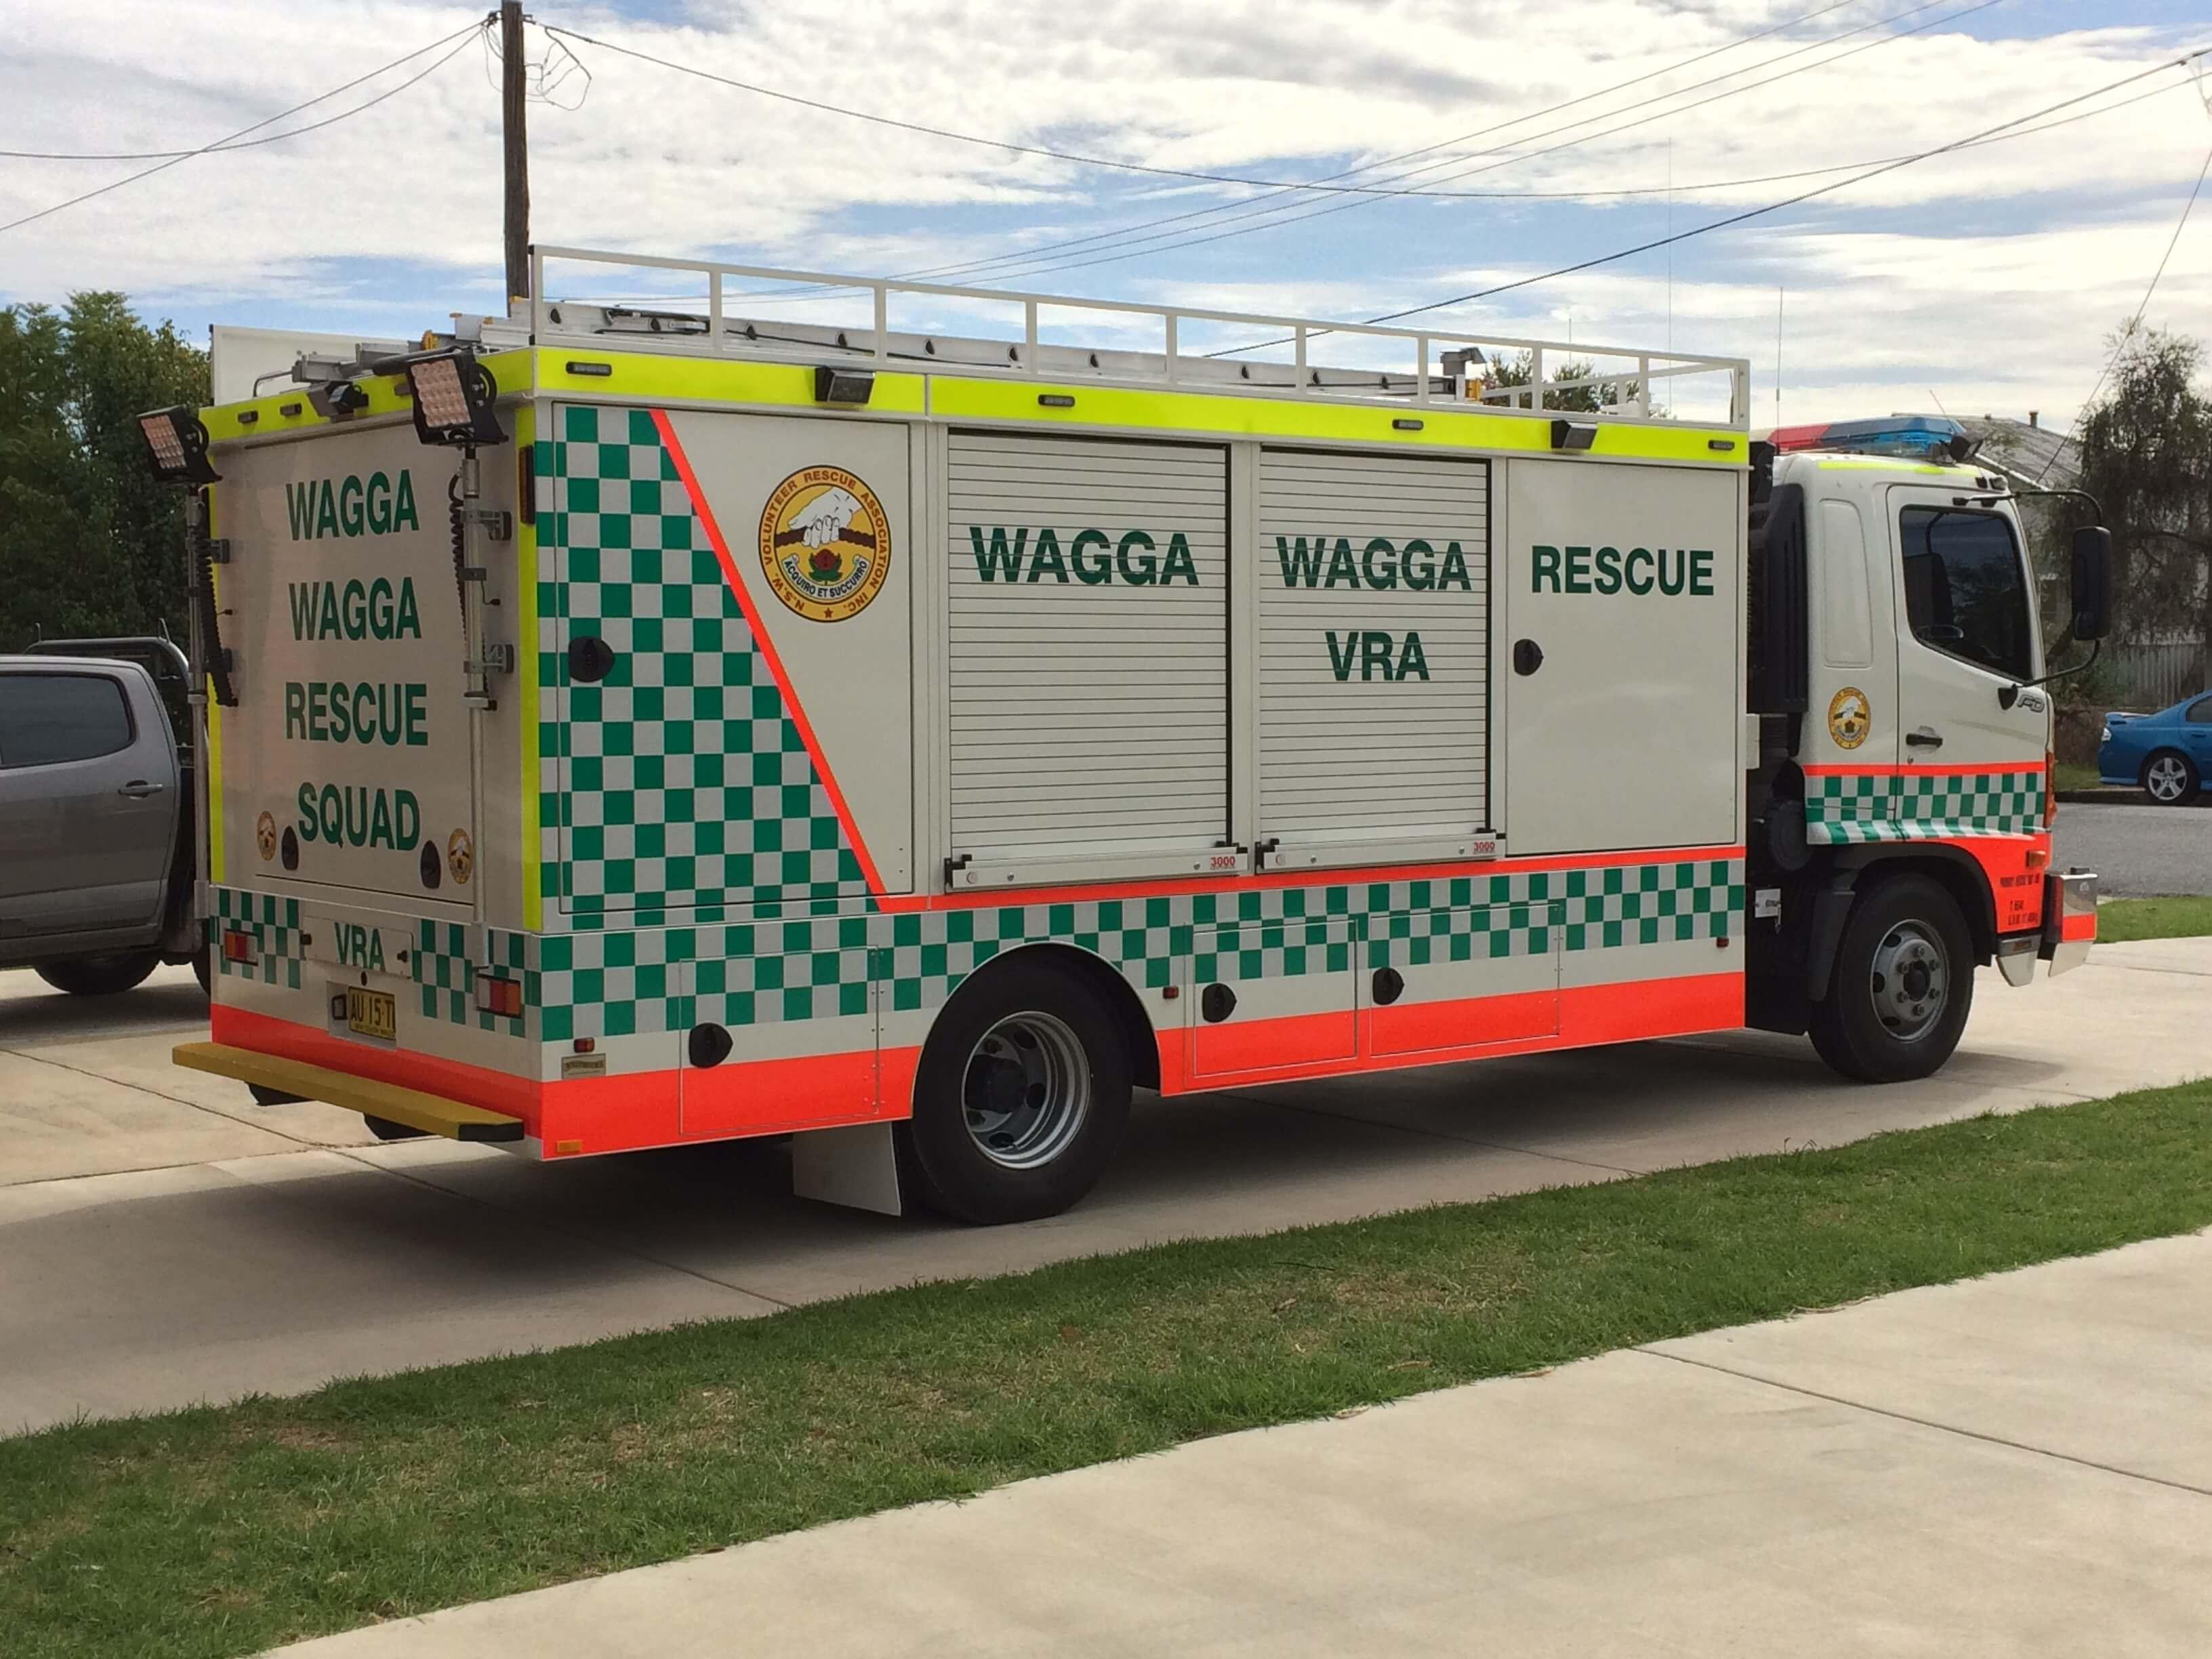 Vra Rescue Vehicle